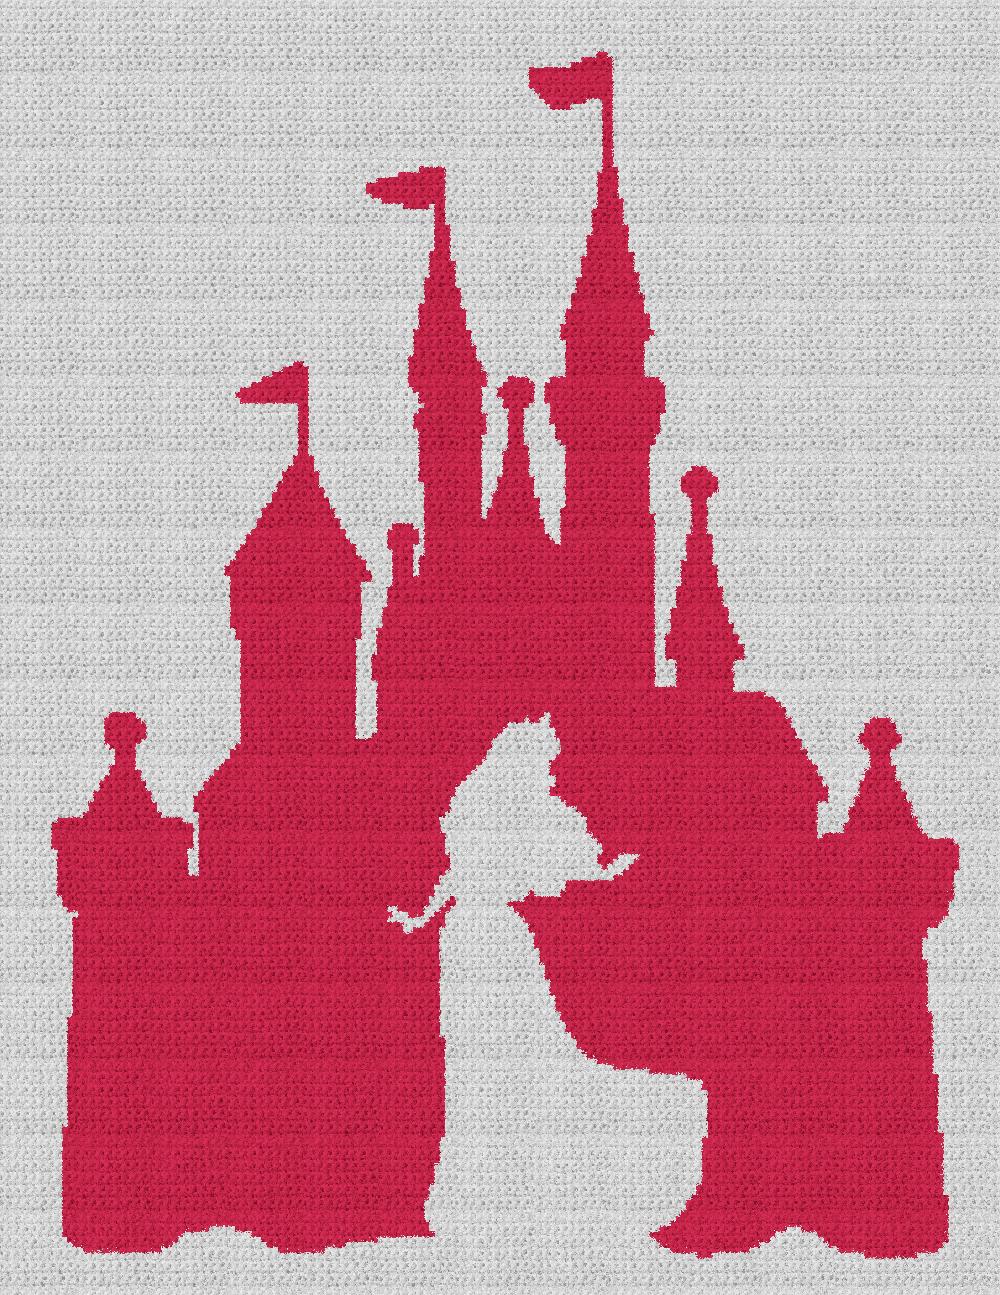 Sleeping Beauty/Aurora / Disney Castle - Single Crochet Written Graphghan Pattern - 06 (183x240)